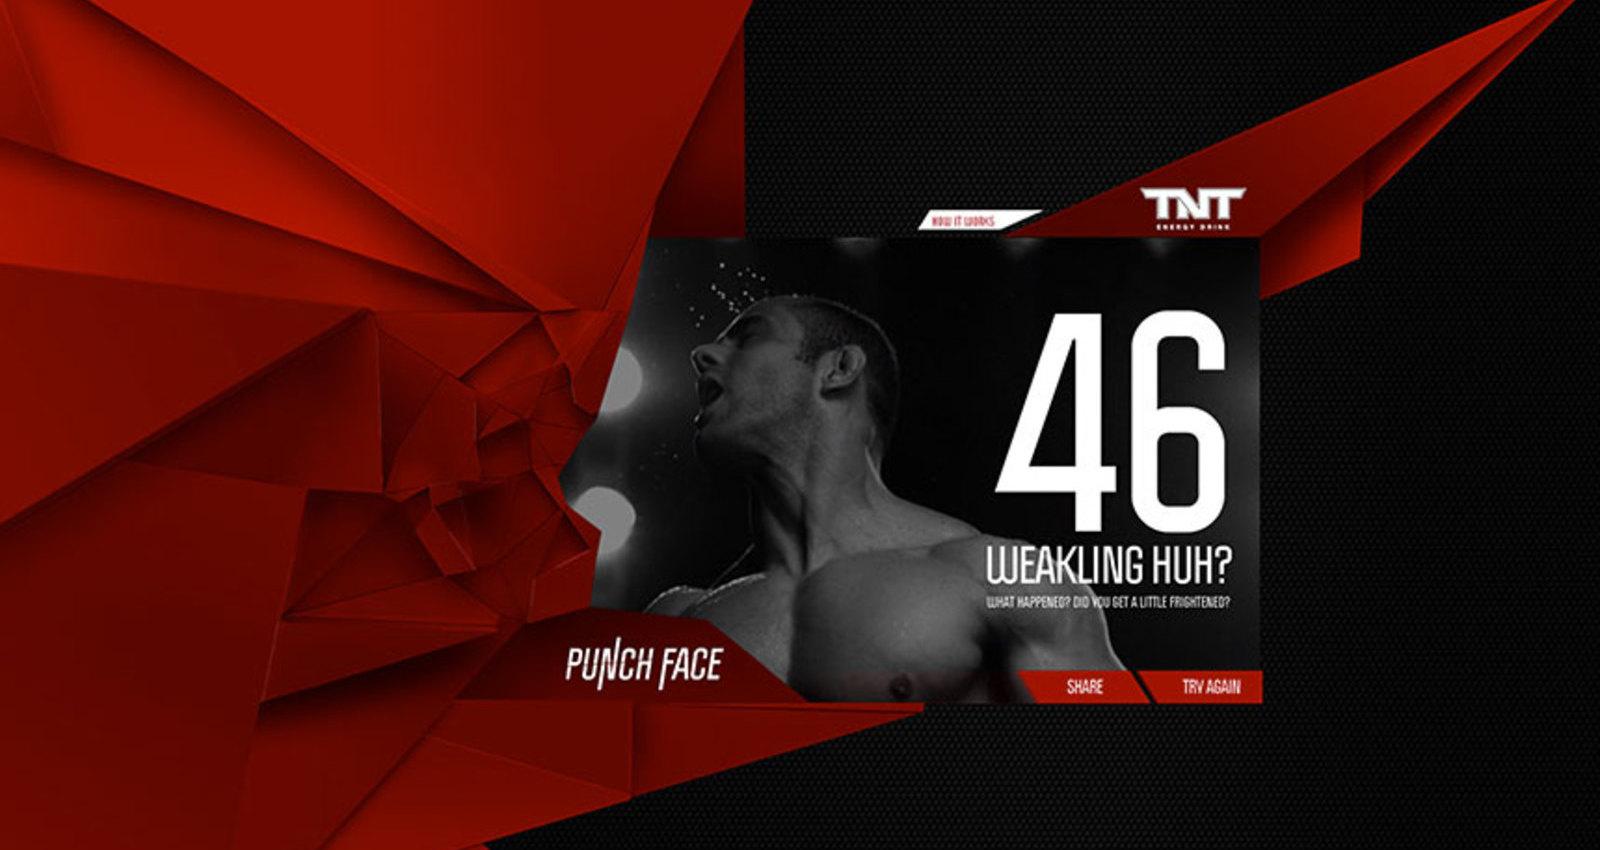 Punchface